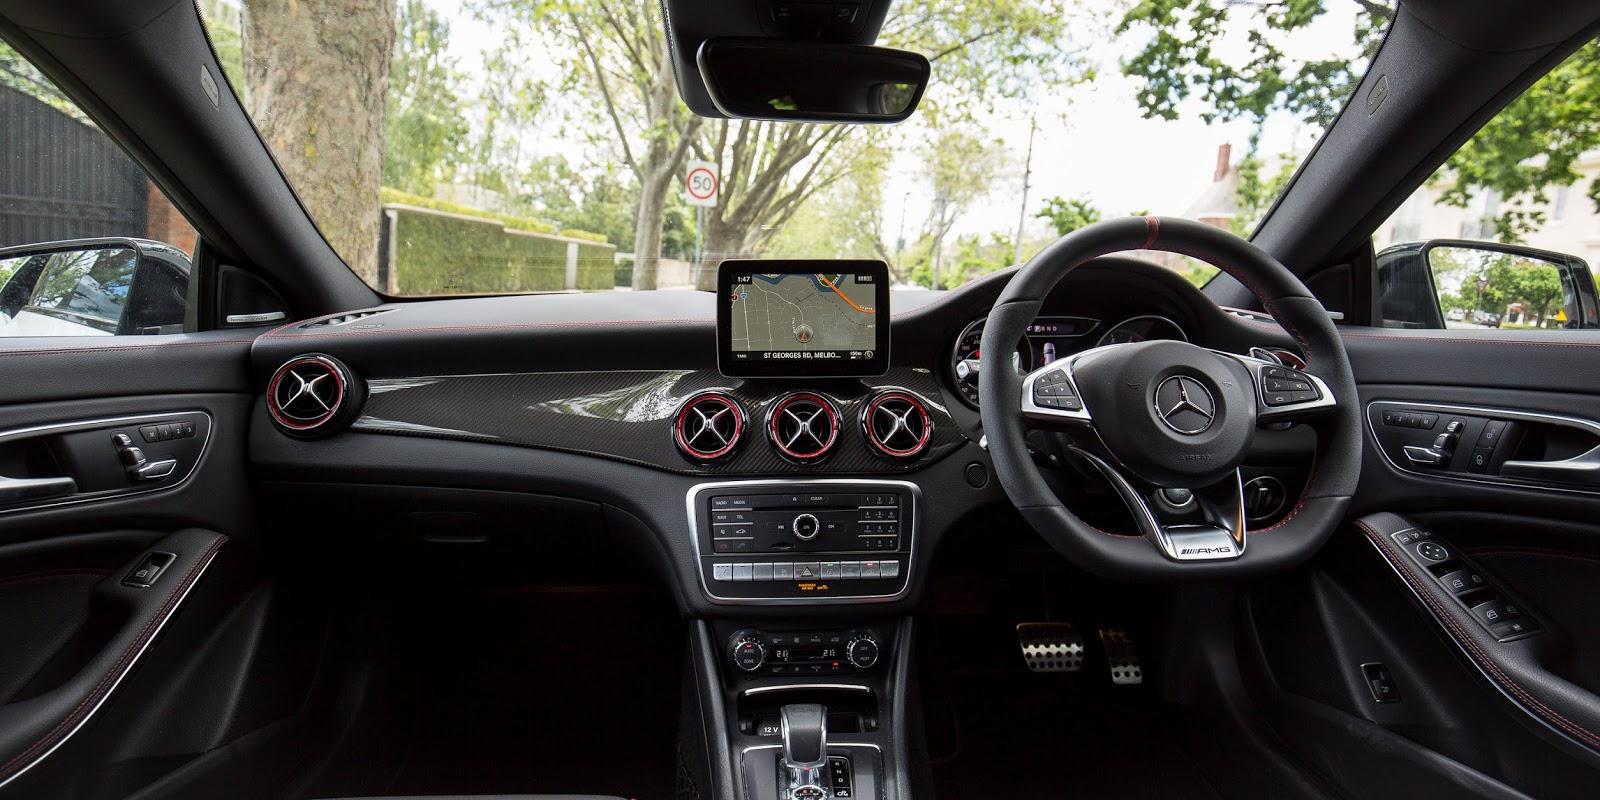 Mercedes-AMG CLA45 2017 là một chiếc xe thông minh và có nhiều tính năng đi kèm